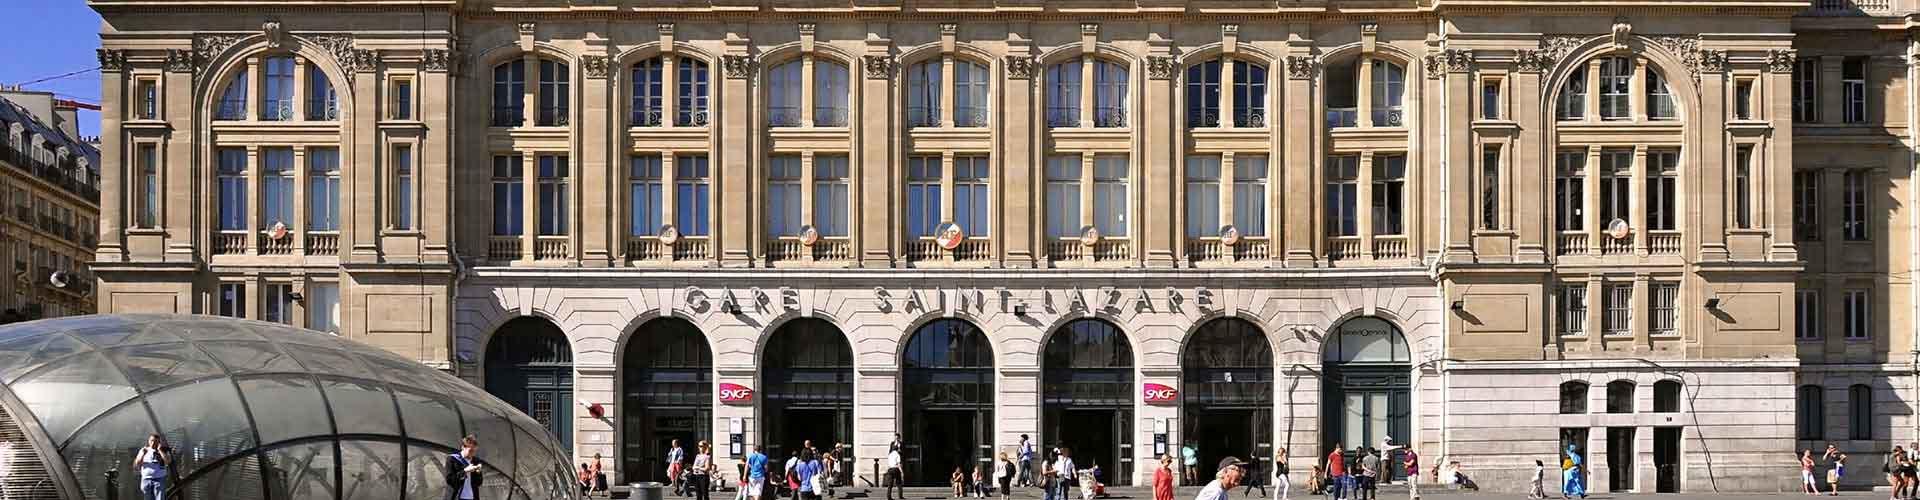 파리 - 생 라자르 역에 가까운 캠핑장. 파리의 지도, 파리에 위치한 캠핑장에 대한 사진 및 리뷰.